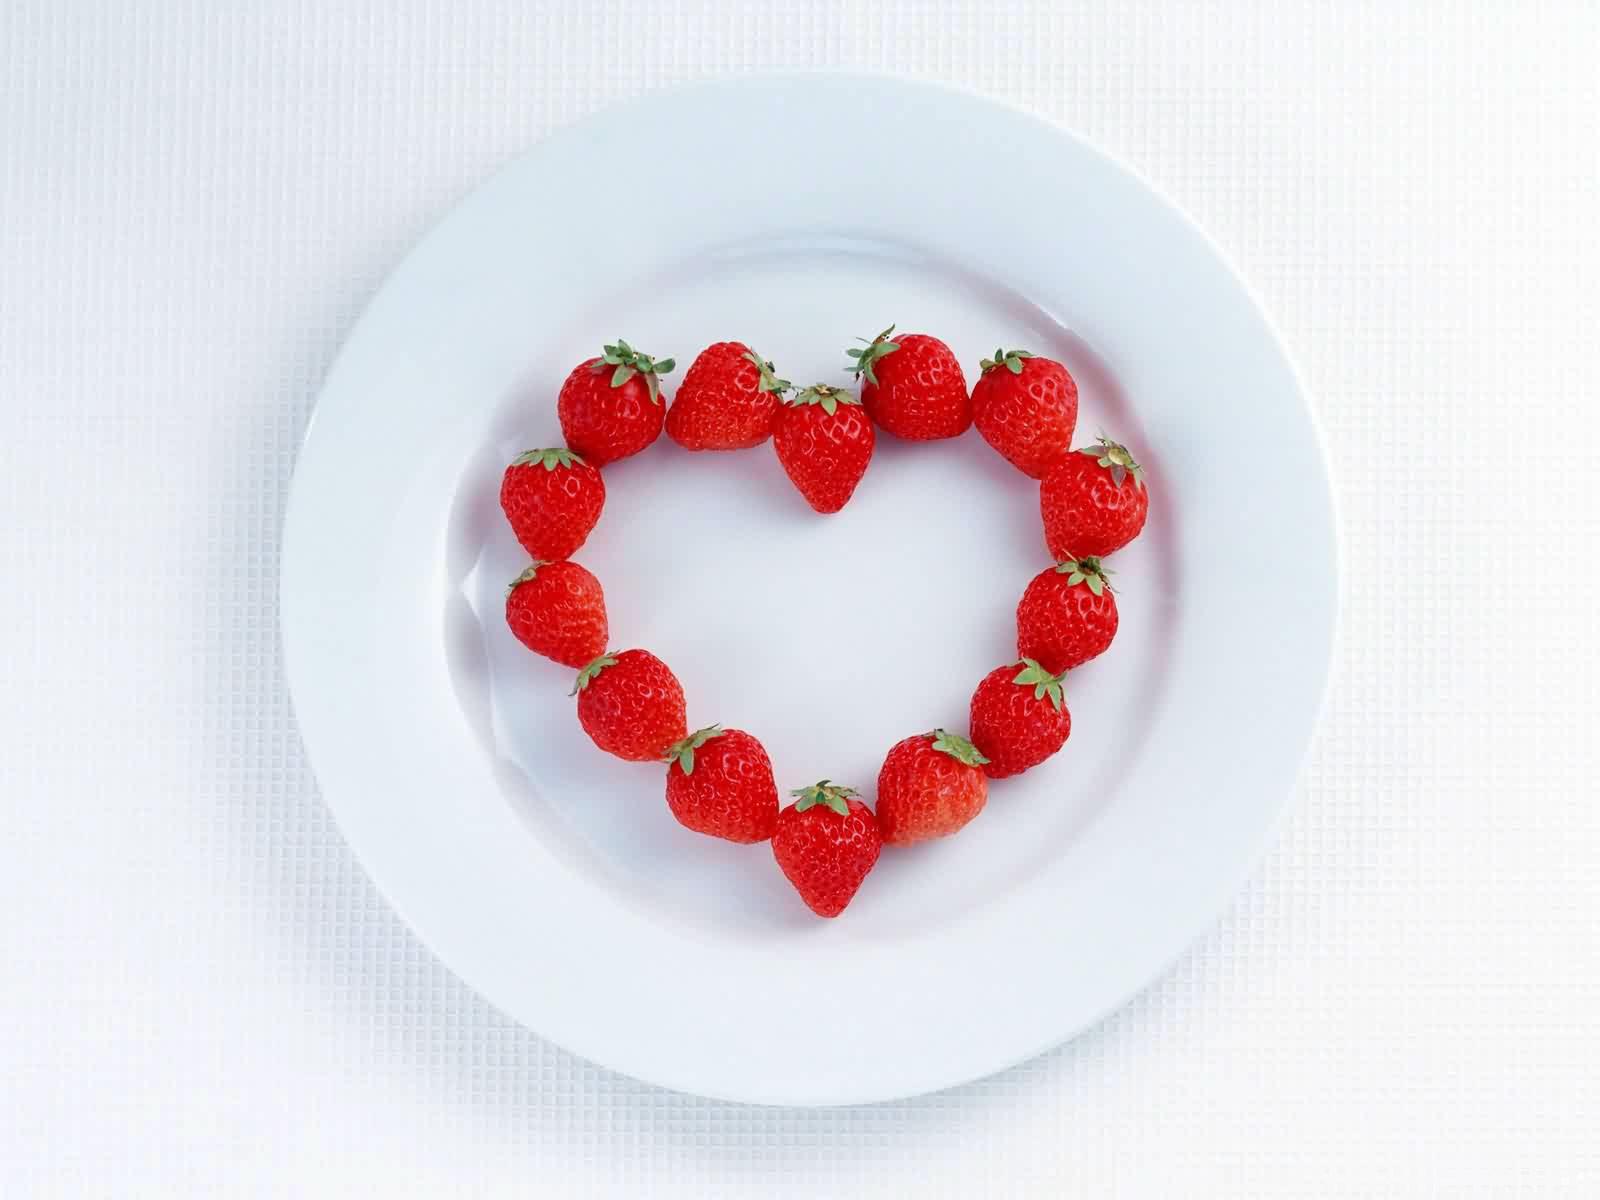 Клубника, сердце на тарелке, фото, обои